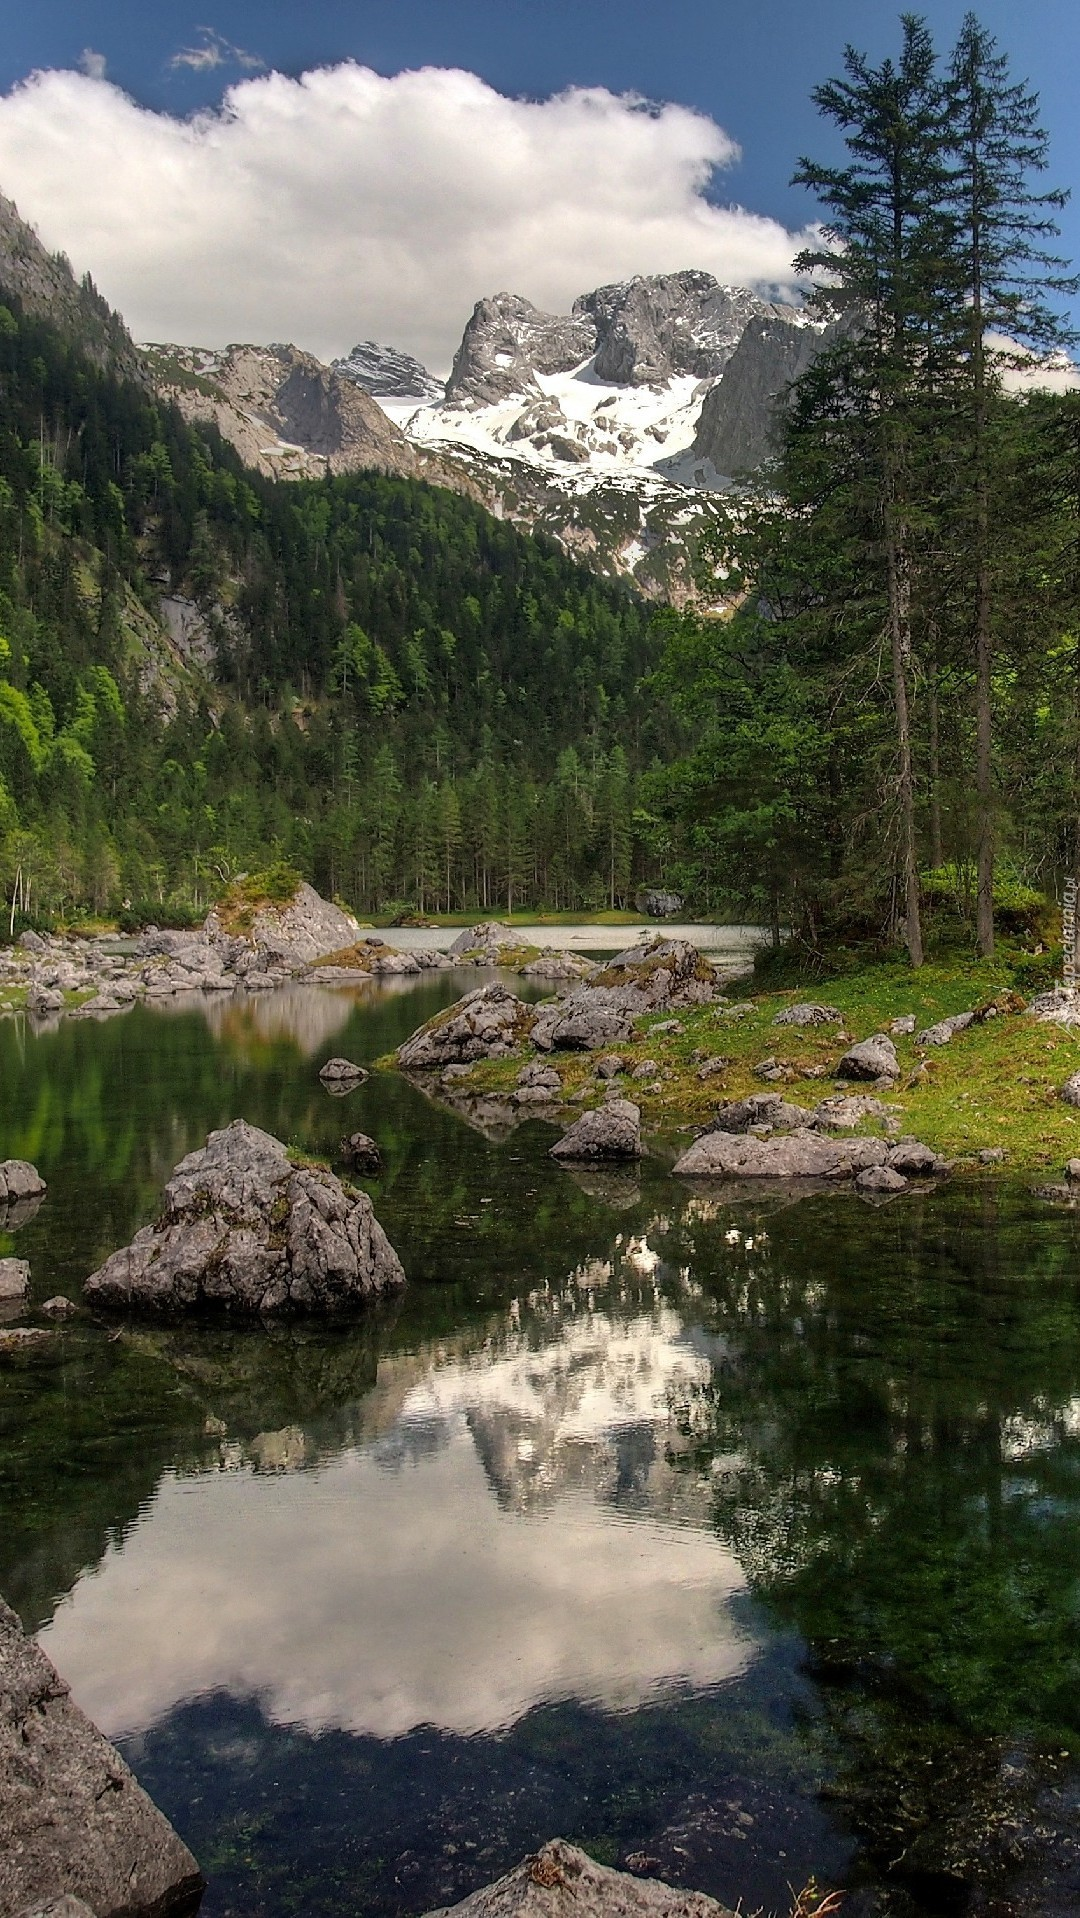 Płytkie kamieniste jezioro